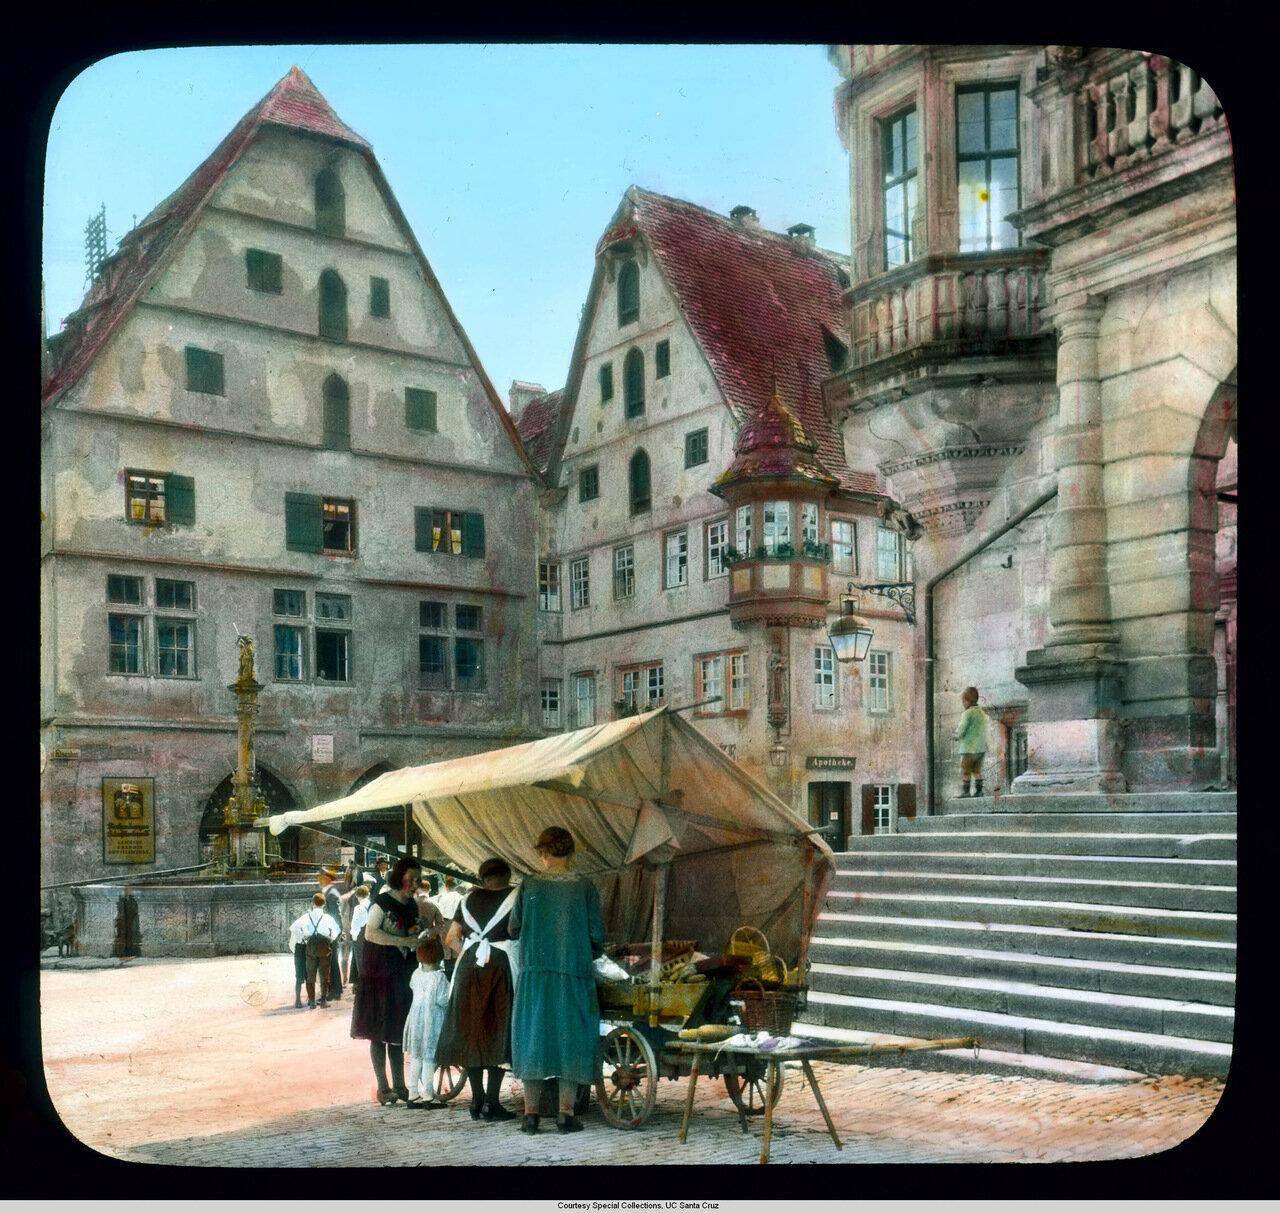 Ротенбург-на-Таубере. Торговая площадь с передвижной торговлей перед входом в Мэрию и фонтаном св. Георгия